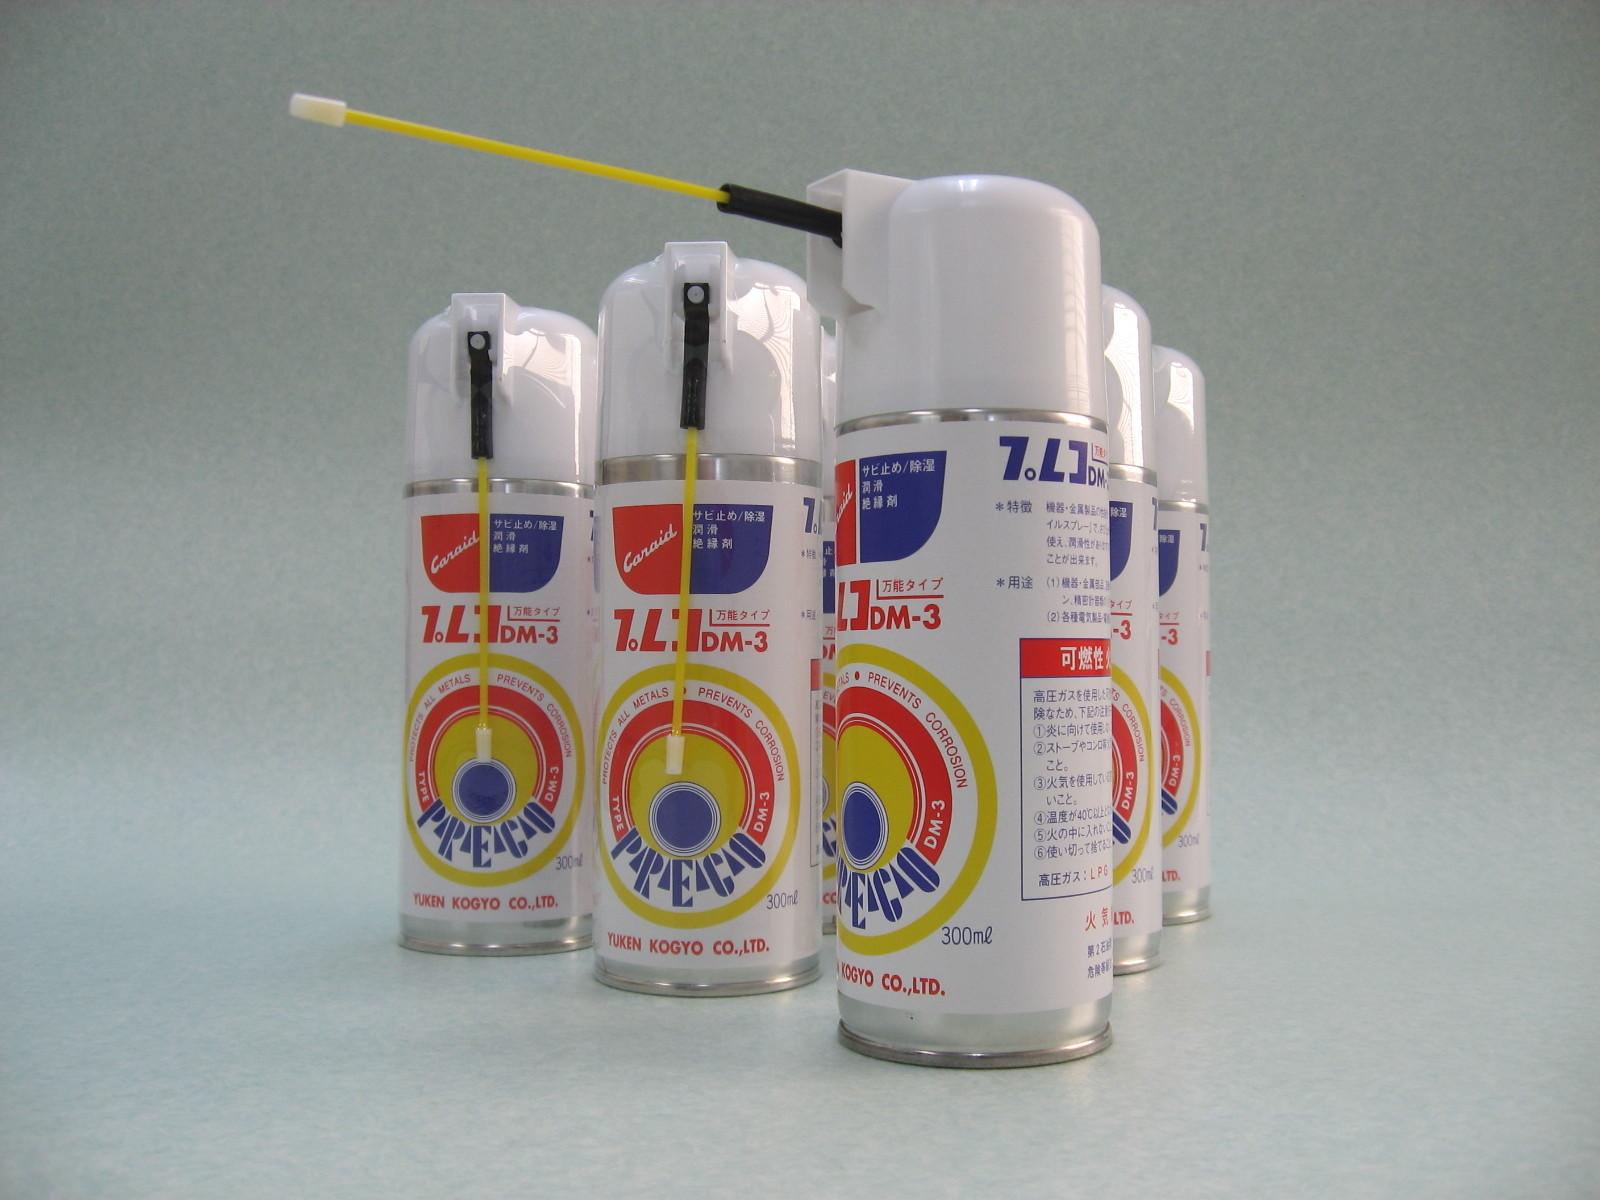 防錆潤滑スプレー『プレコDM-3』